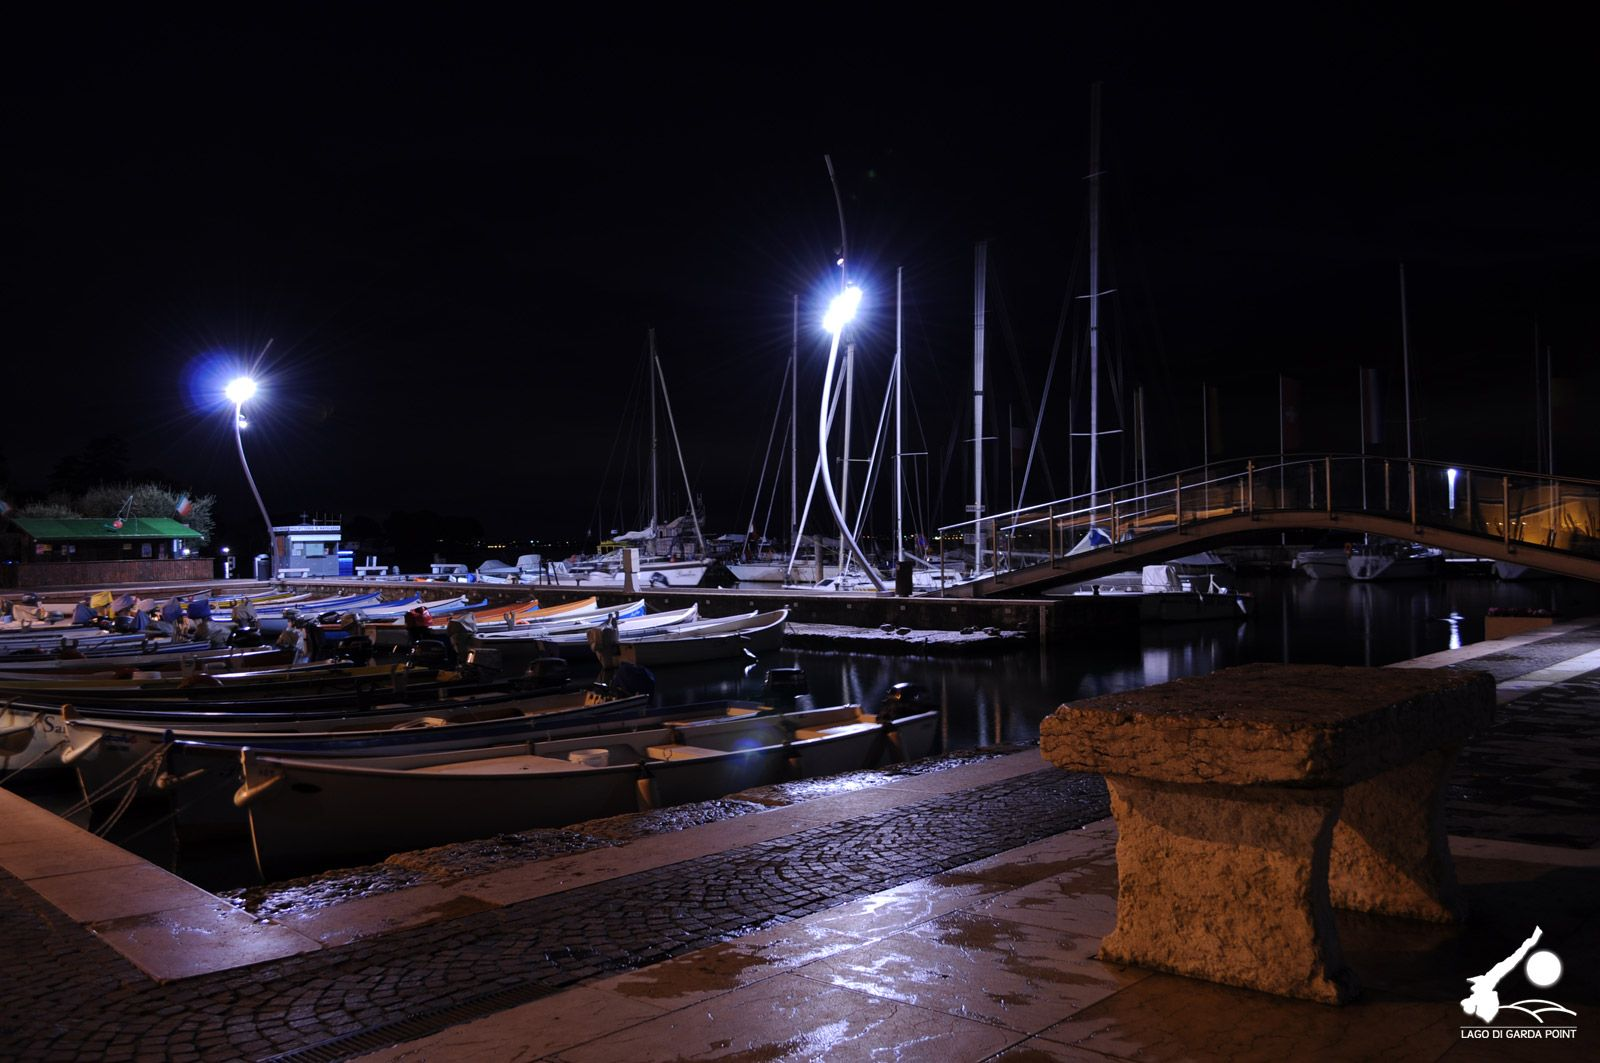 Bardolino by Night - #LagodiGarda #Garda #Veneto #GardaVeneto #Verona #Veronese #GardaVeronese